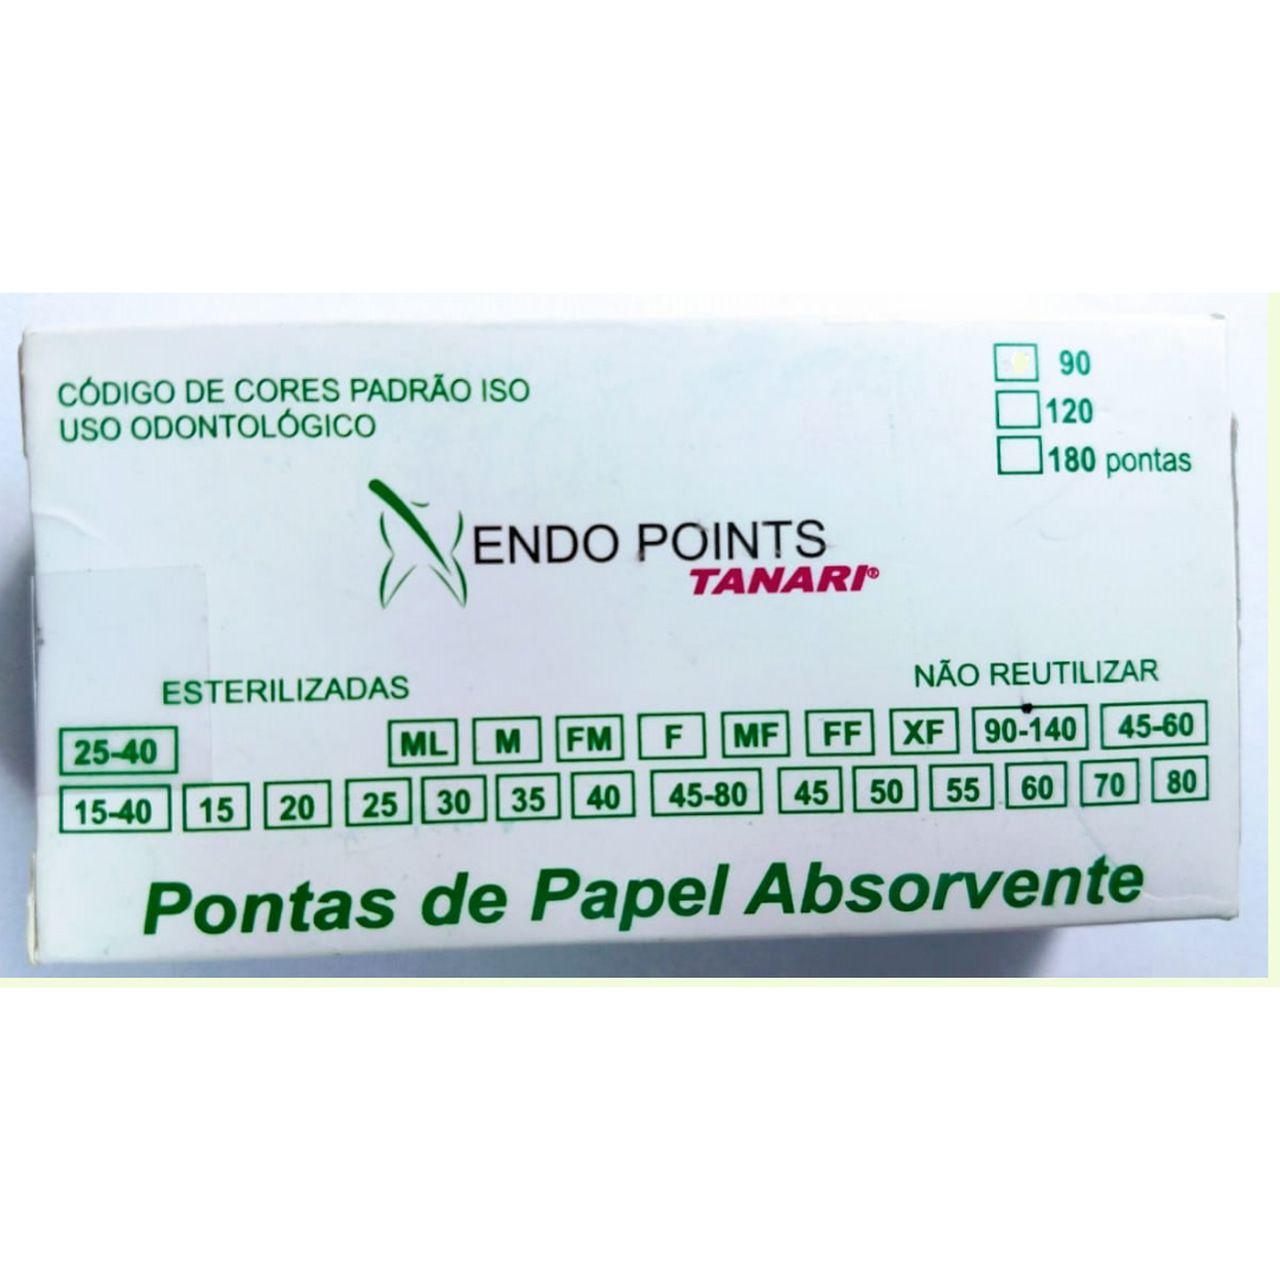 CONE DE PAPEL CONVENCIONAL - ENDO POINTS